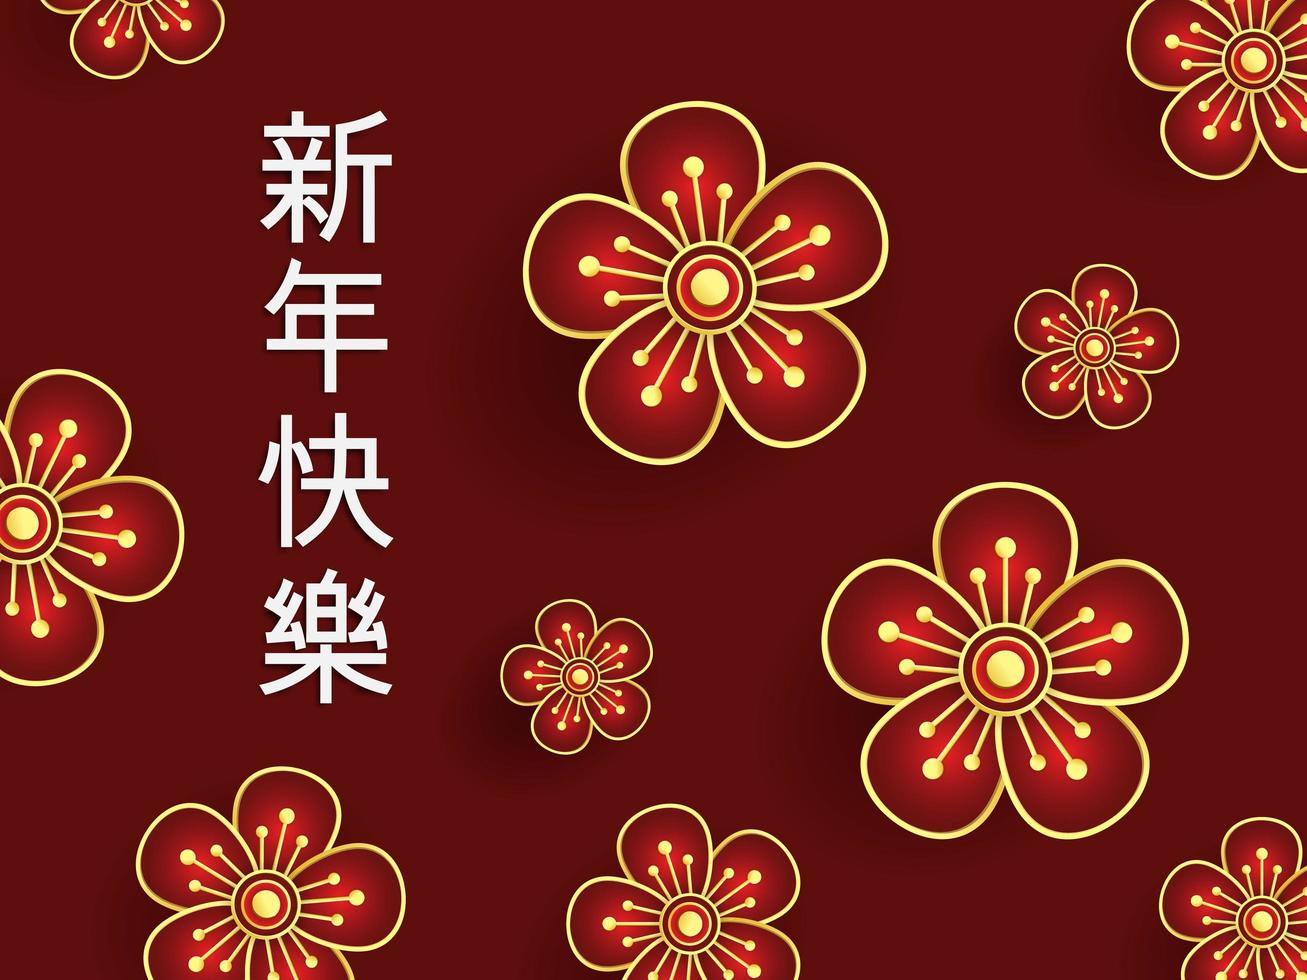 illustration de fleurs rouges avec calligraphie chinoise sur fond rouge vecteur